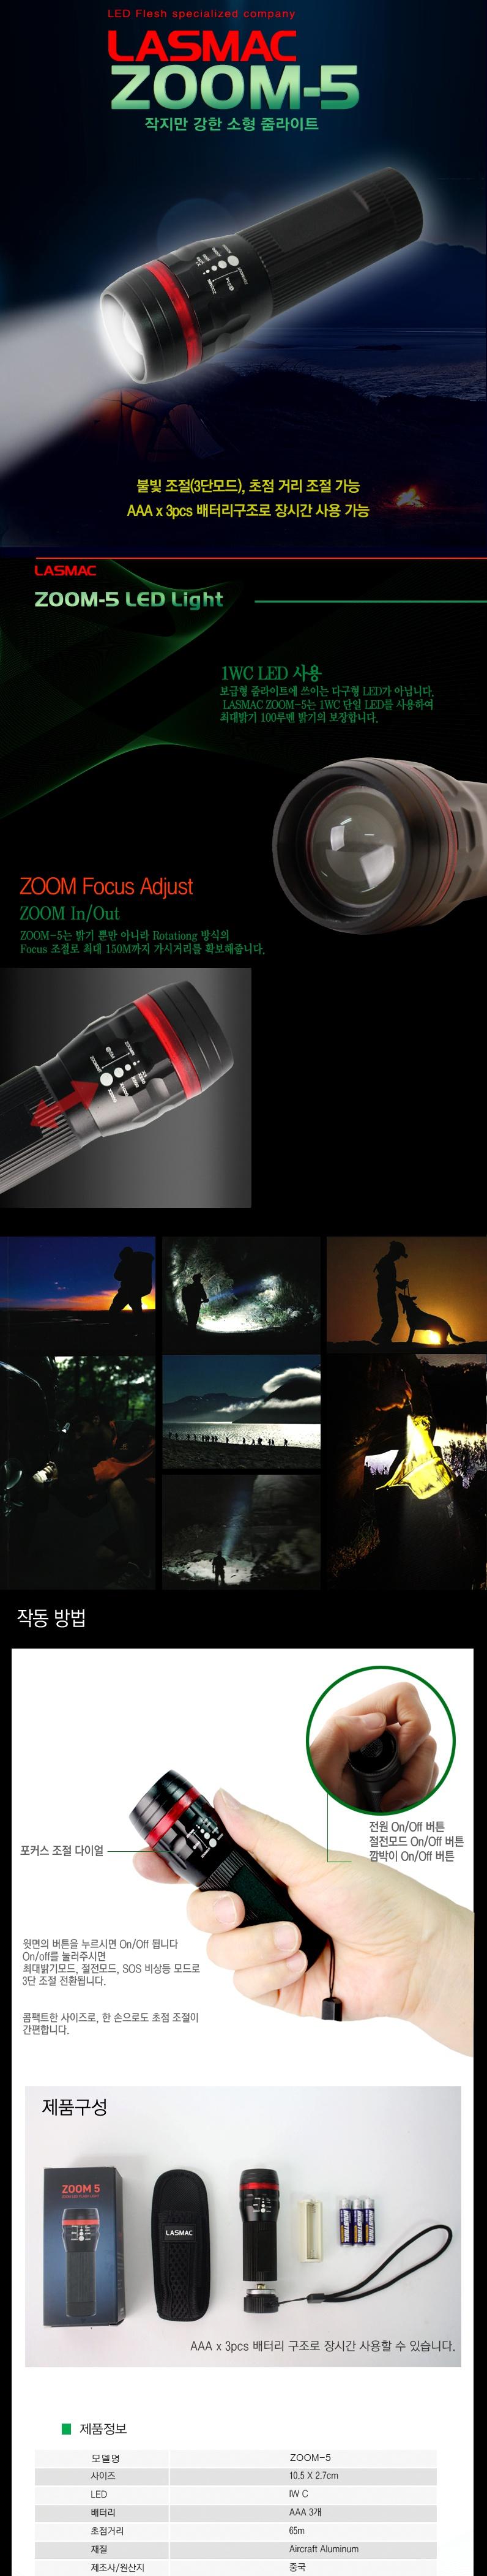 LM 라스맥 ZOOM-5 손전등 LED손전등 랜턴 라이트 - 엑스팟, 13,000원, 랜턴/라이트,